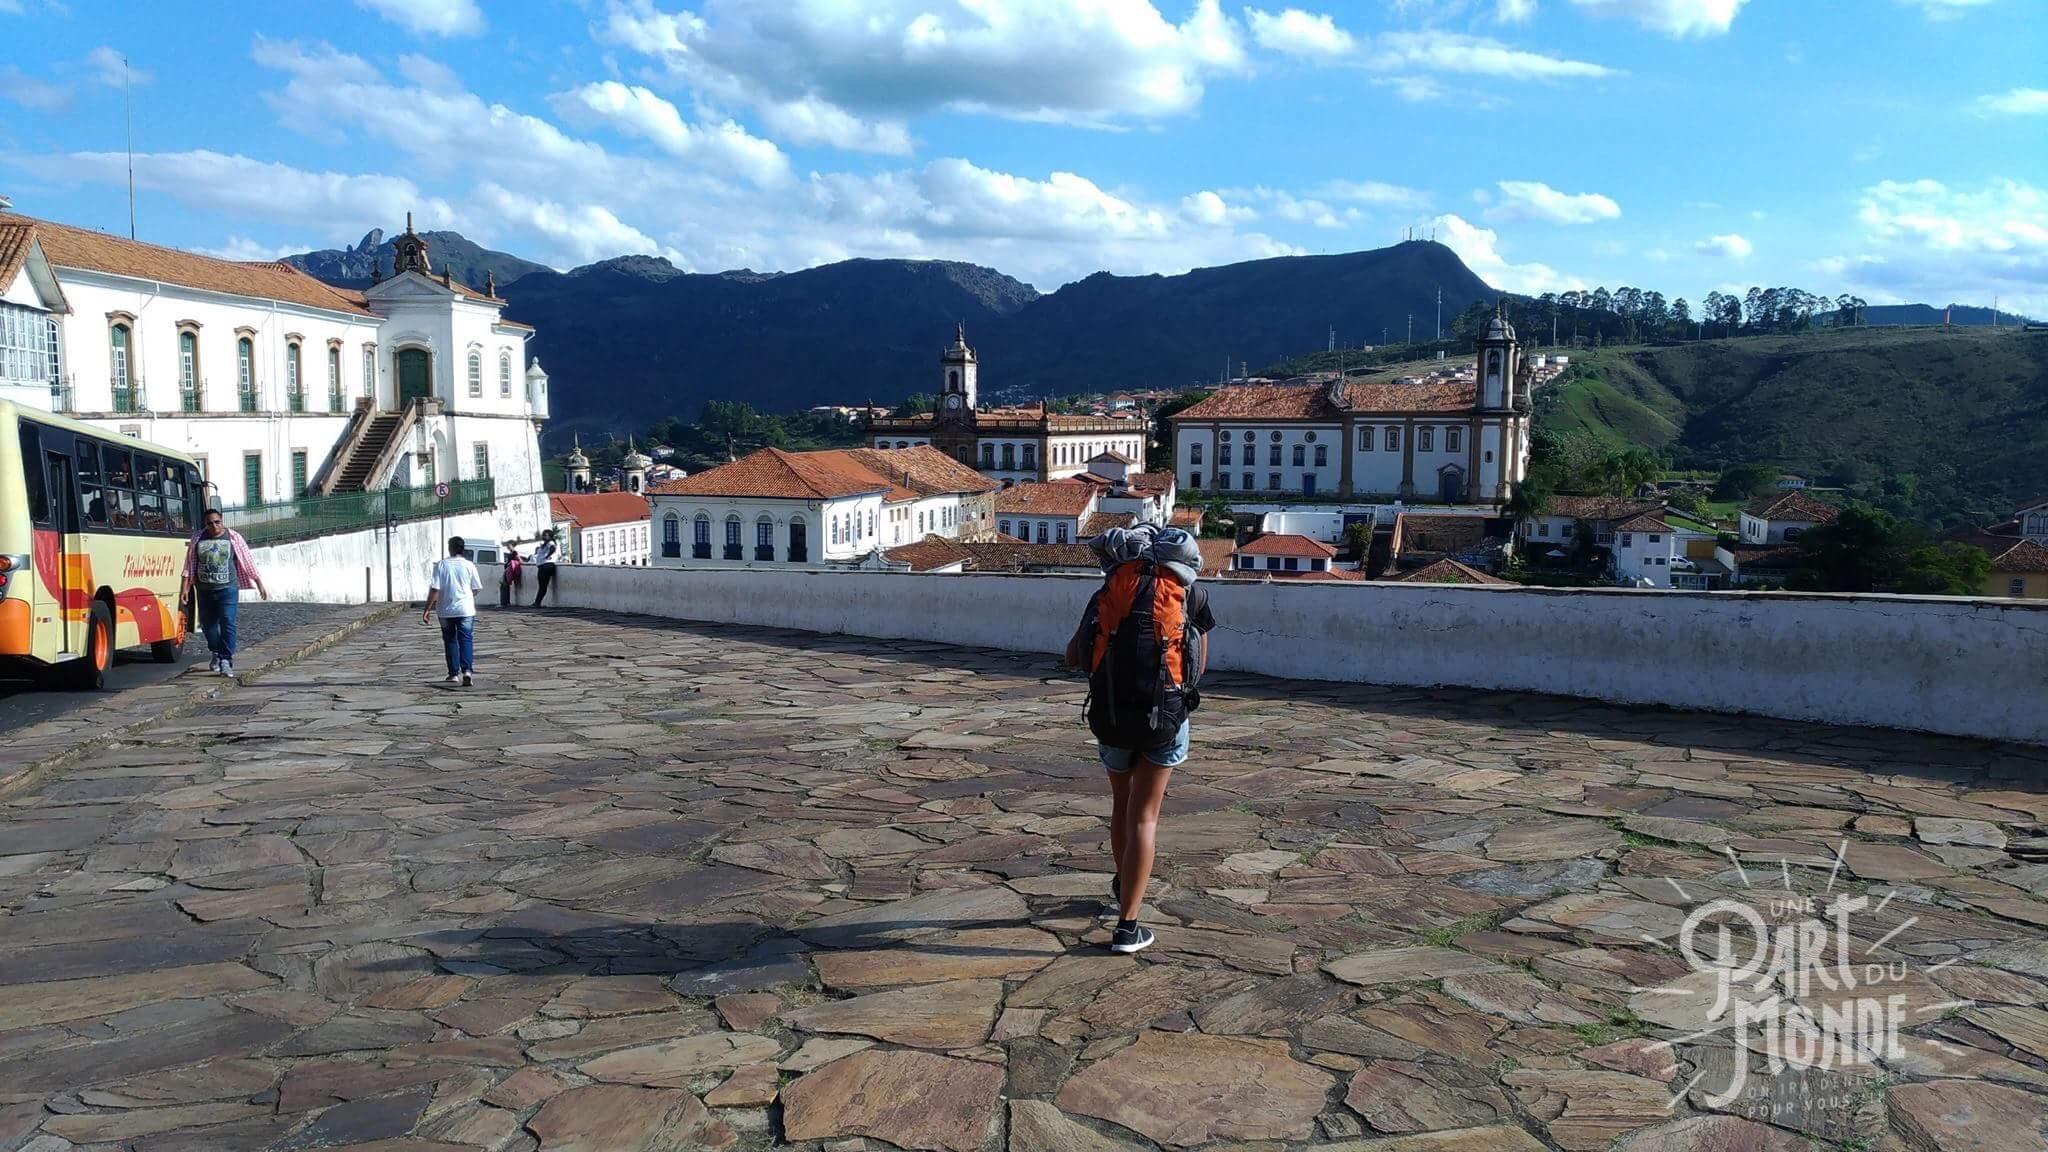 Ouro preto Minas gerais fontaine arrivée backpack